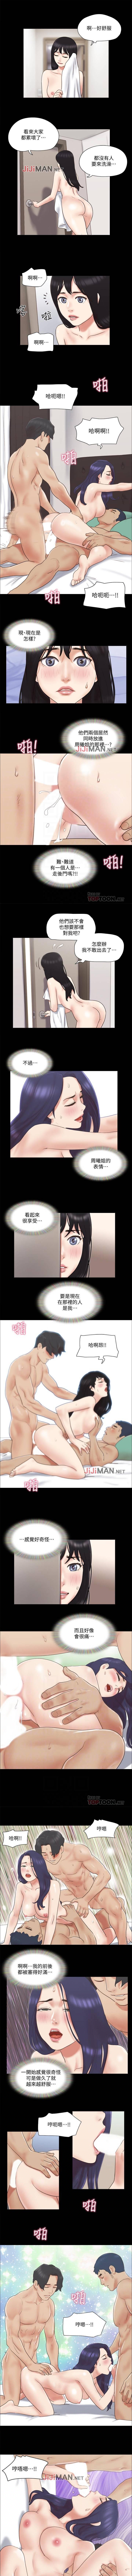 【周五连载】协议换爱(作者:遠德) 第1~62话 258